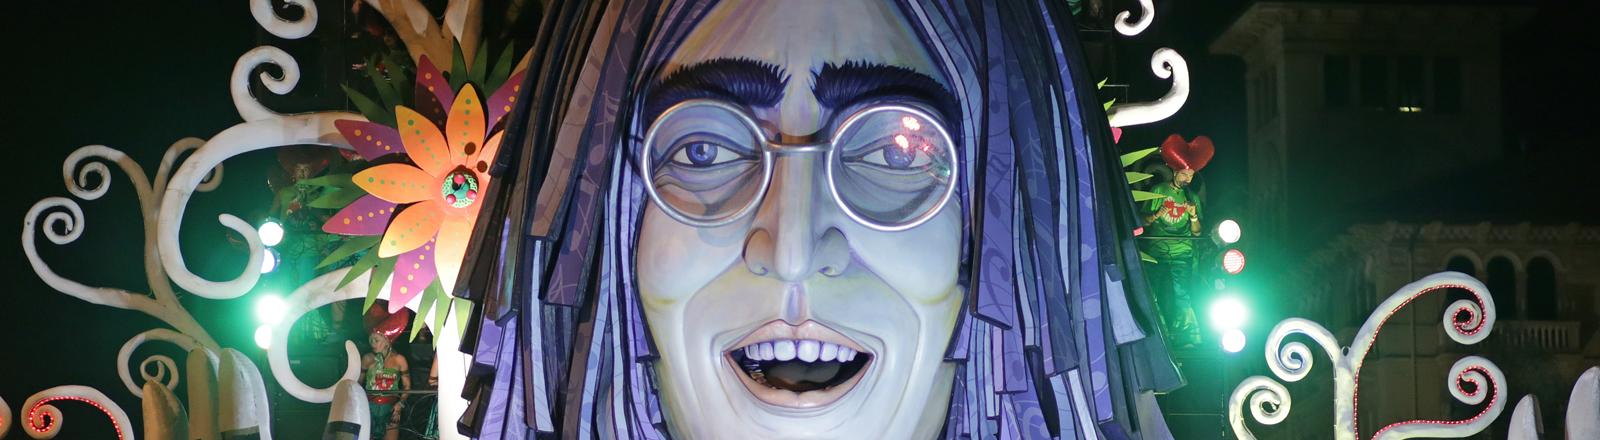 John Lennon als große Figur im Musical